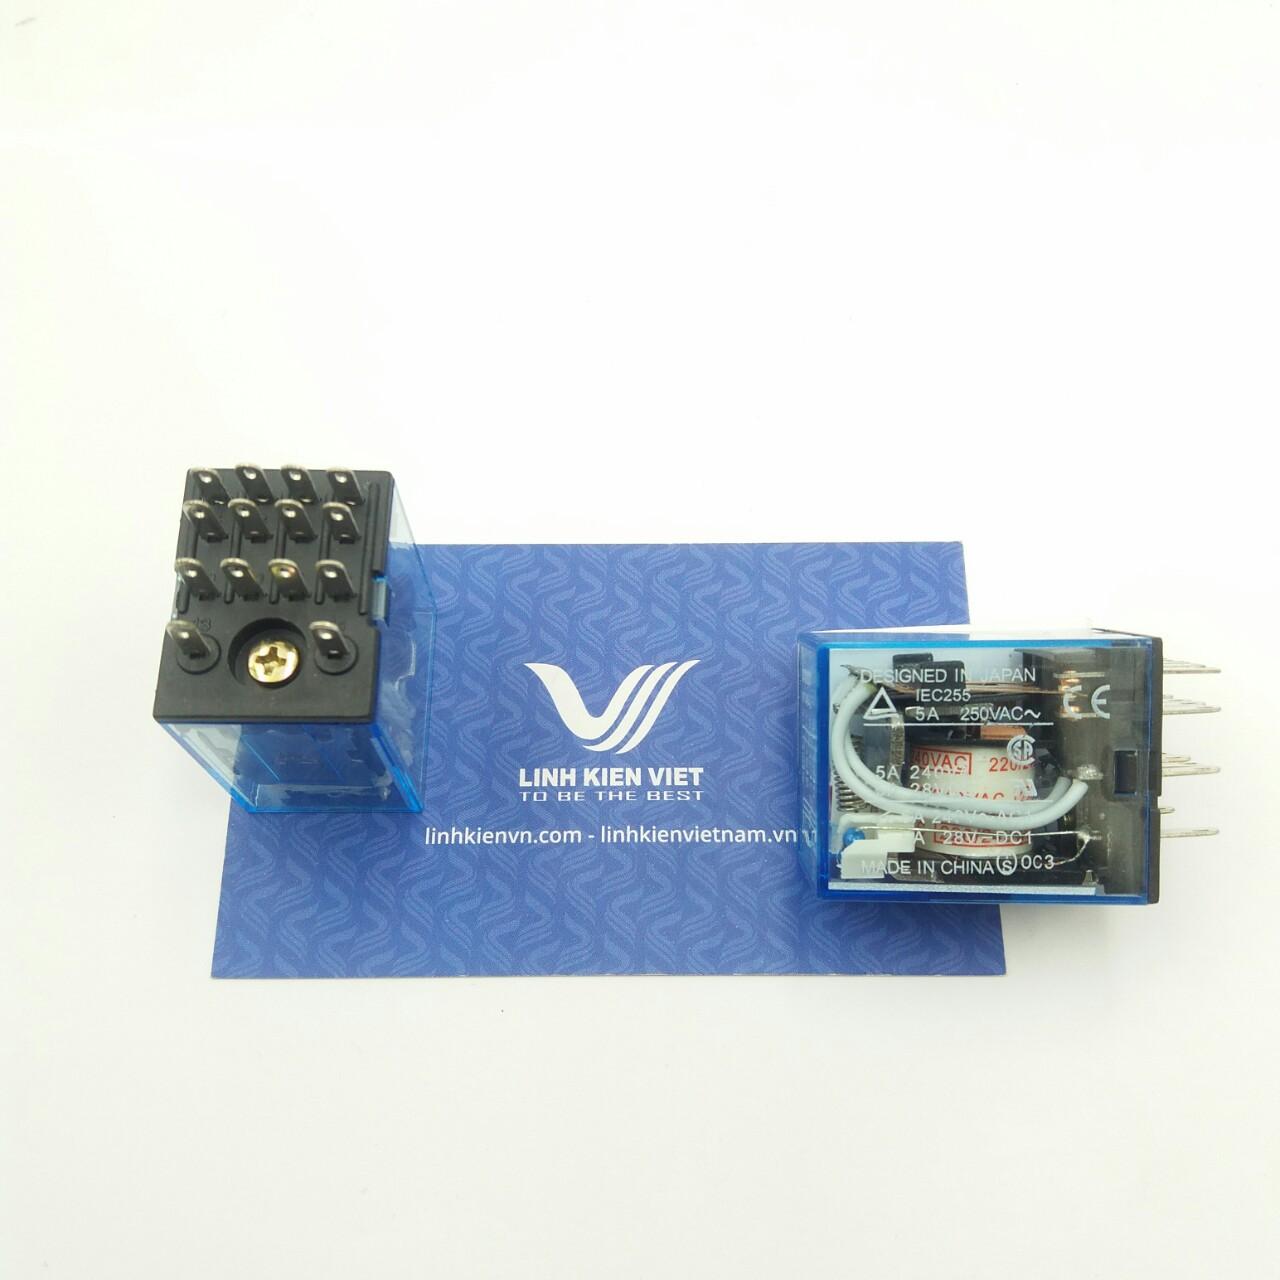 Relay trung gian MY4NJ - 220VAC / Relay trung gian 4 cặp tiếp điểm 220V - J5H6(KB4H3)